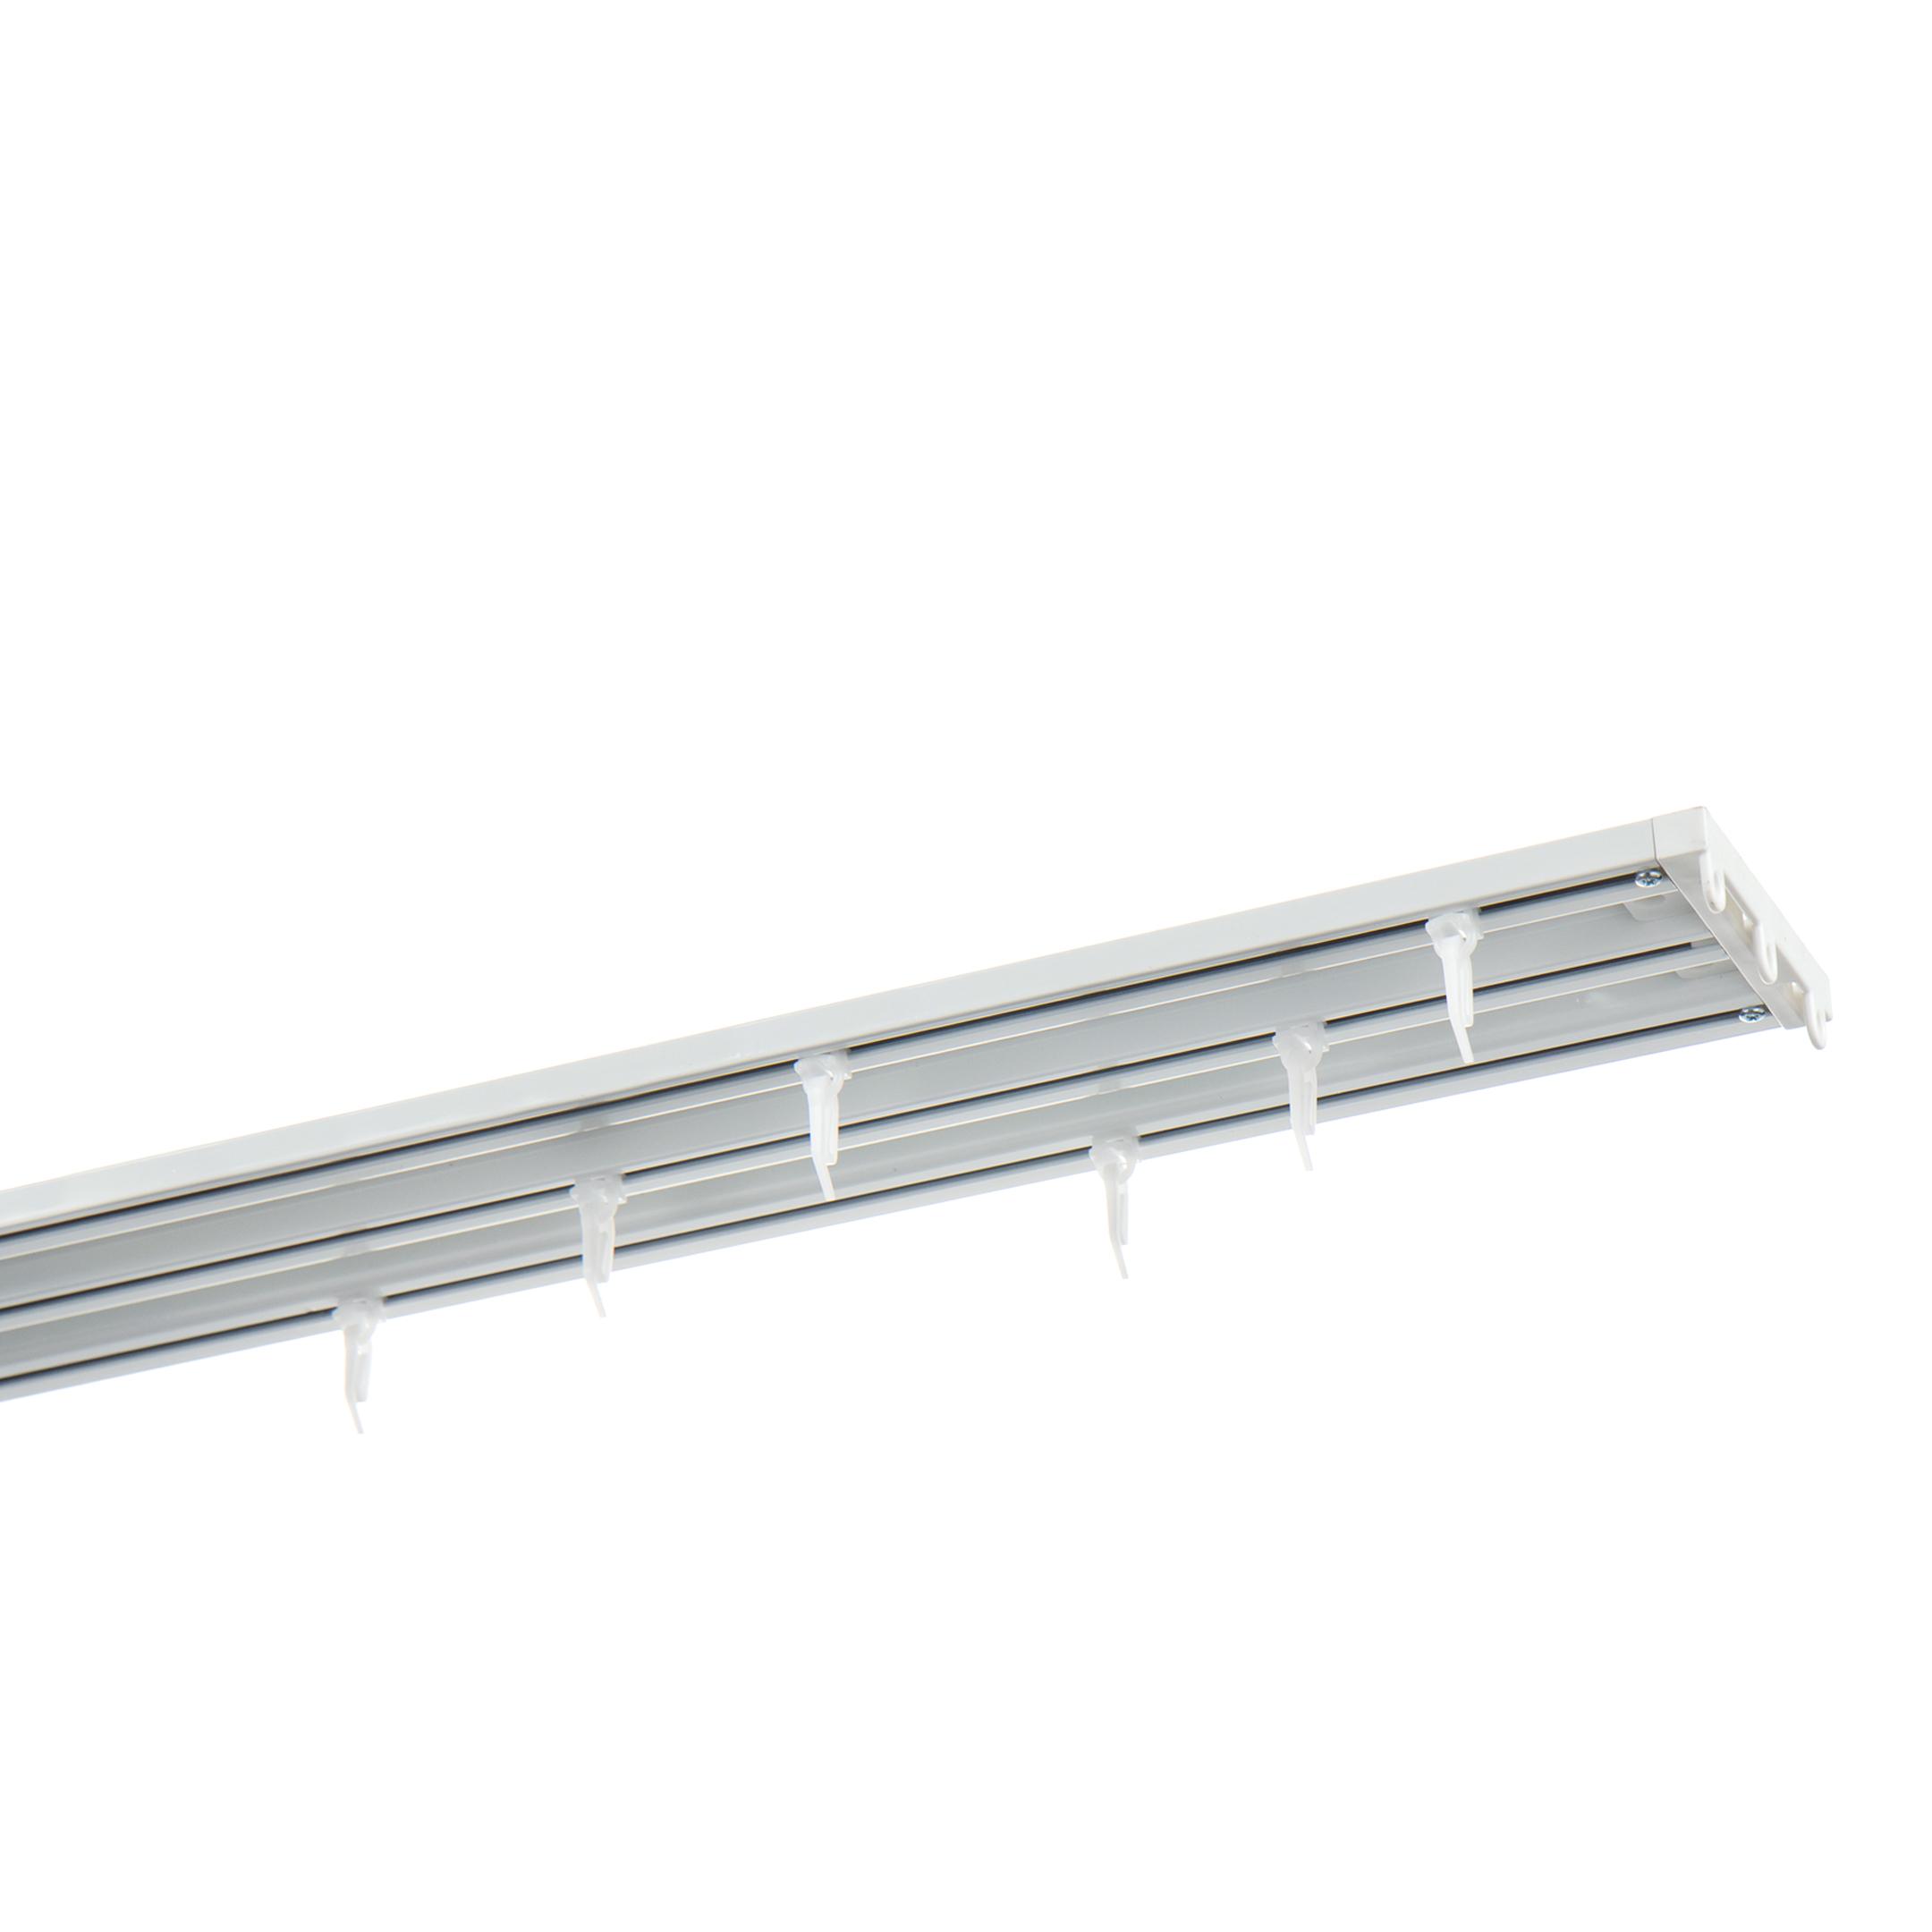 Фото - Карниз потолочный алюминиевый трехрядный 240 см белый бегунок производитель hans pries 300124755